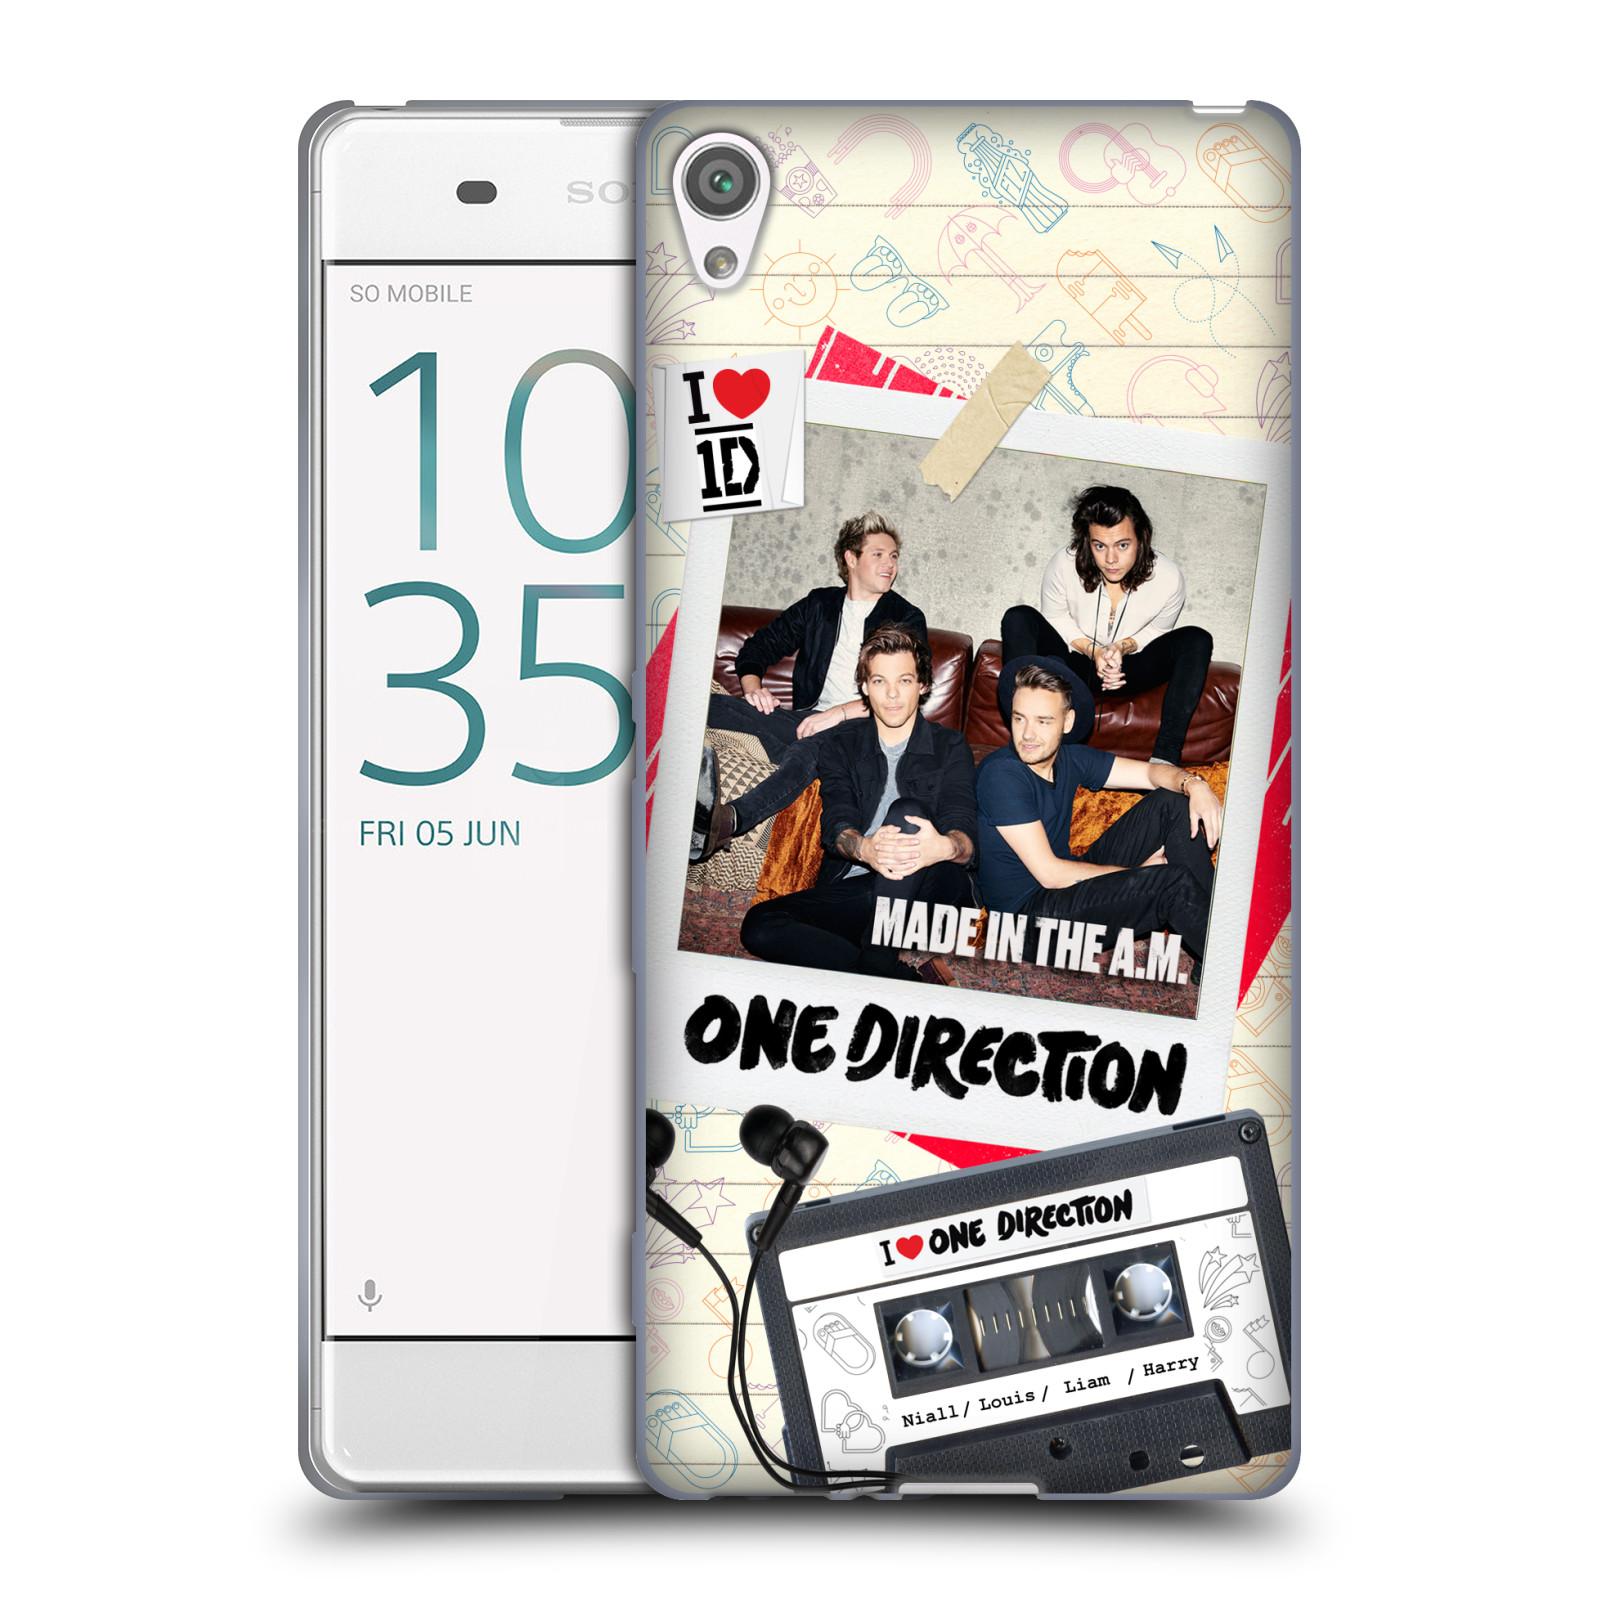 Silikonové pouzdro na mobil Sony Xperia XA HEAD CASE One Direction - Kazeta (Silikonový kryt či obal One Direction Official na mobilní telefon Sony Xperia XA F3111 / Dual SIM F3112)